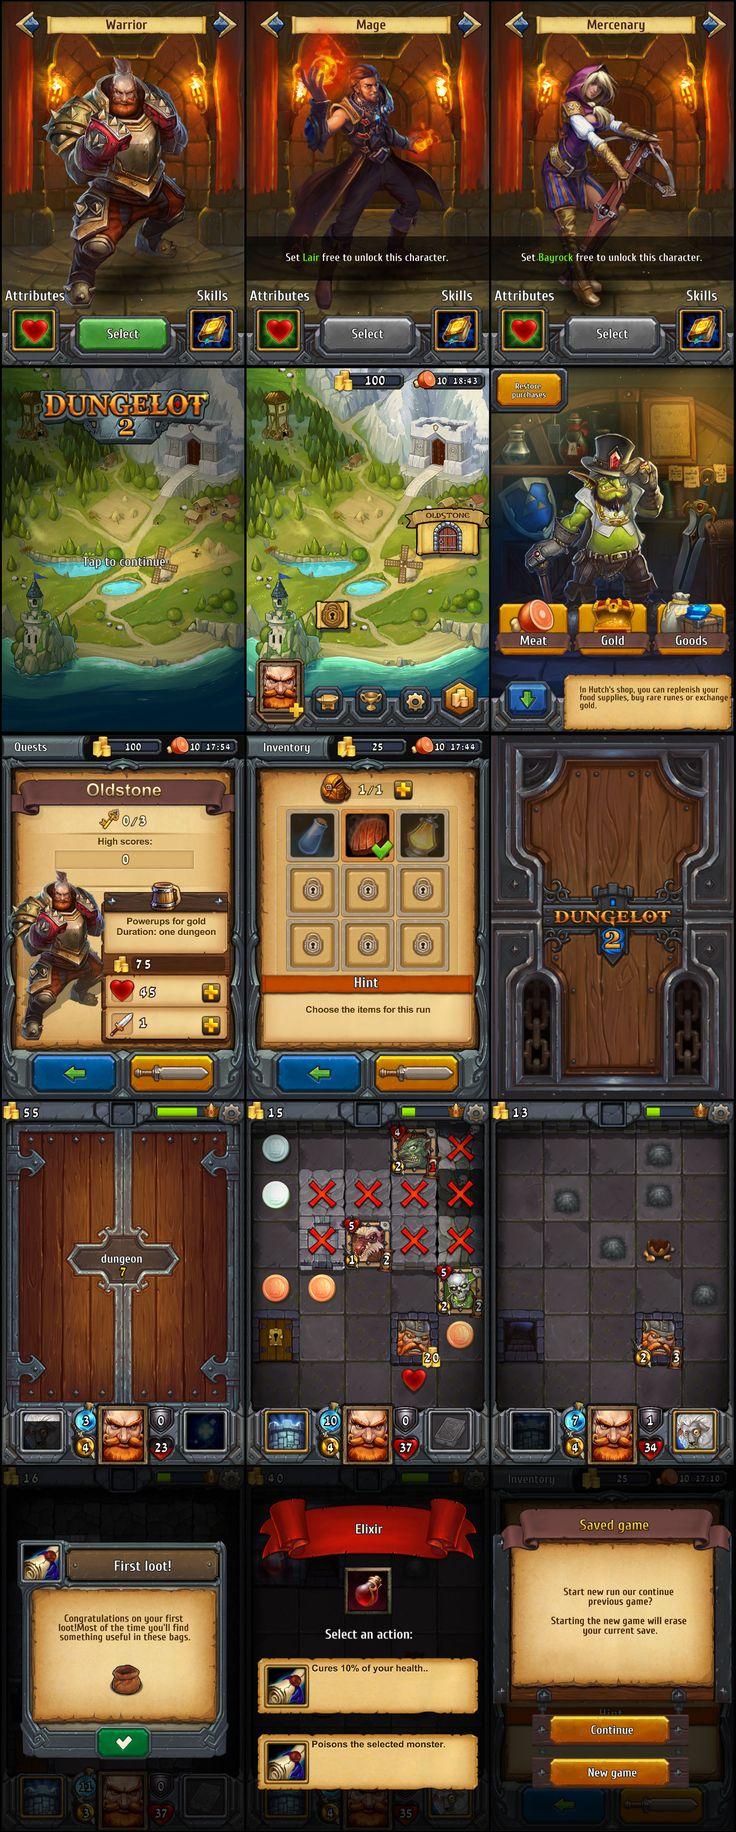 Dungelot 2 |GAMEUI- 游戏设计圈聚集地 | 游戏UI | 游戏界面 | 游戏图标 | 游戏网站 | 游戏群 | 游戏设计